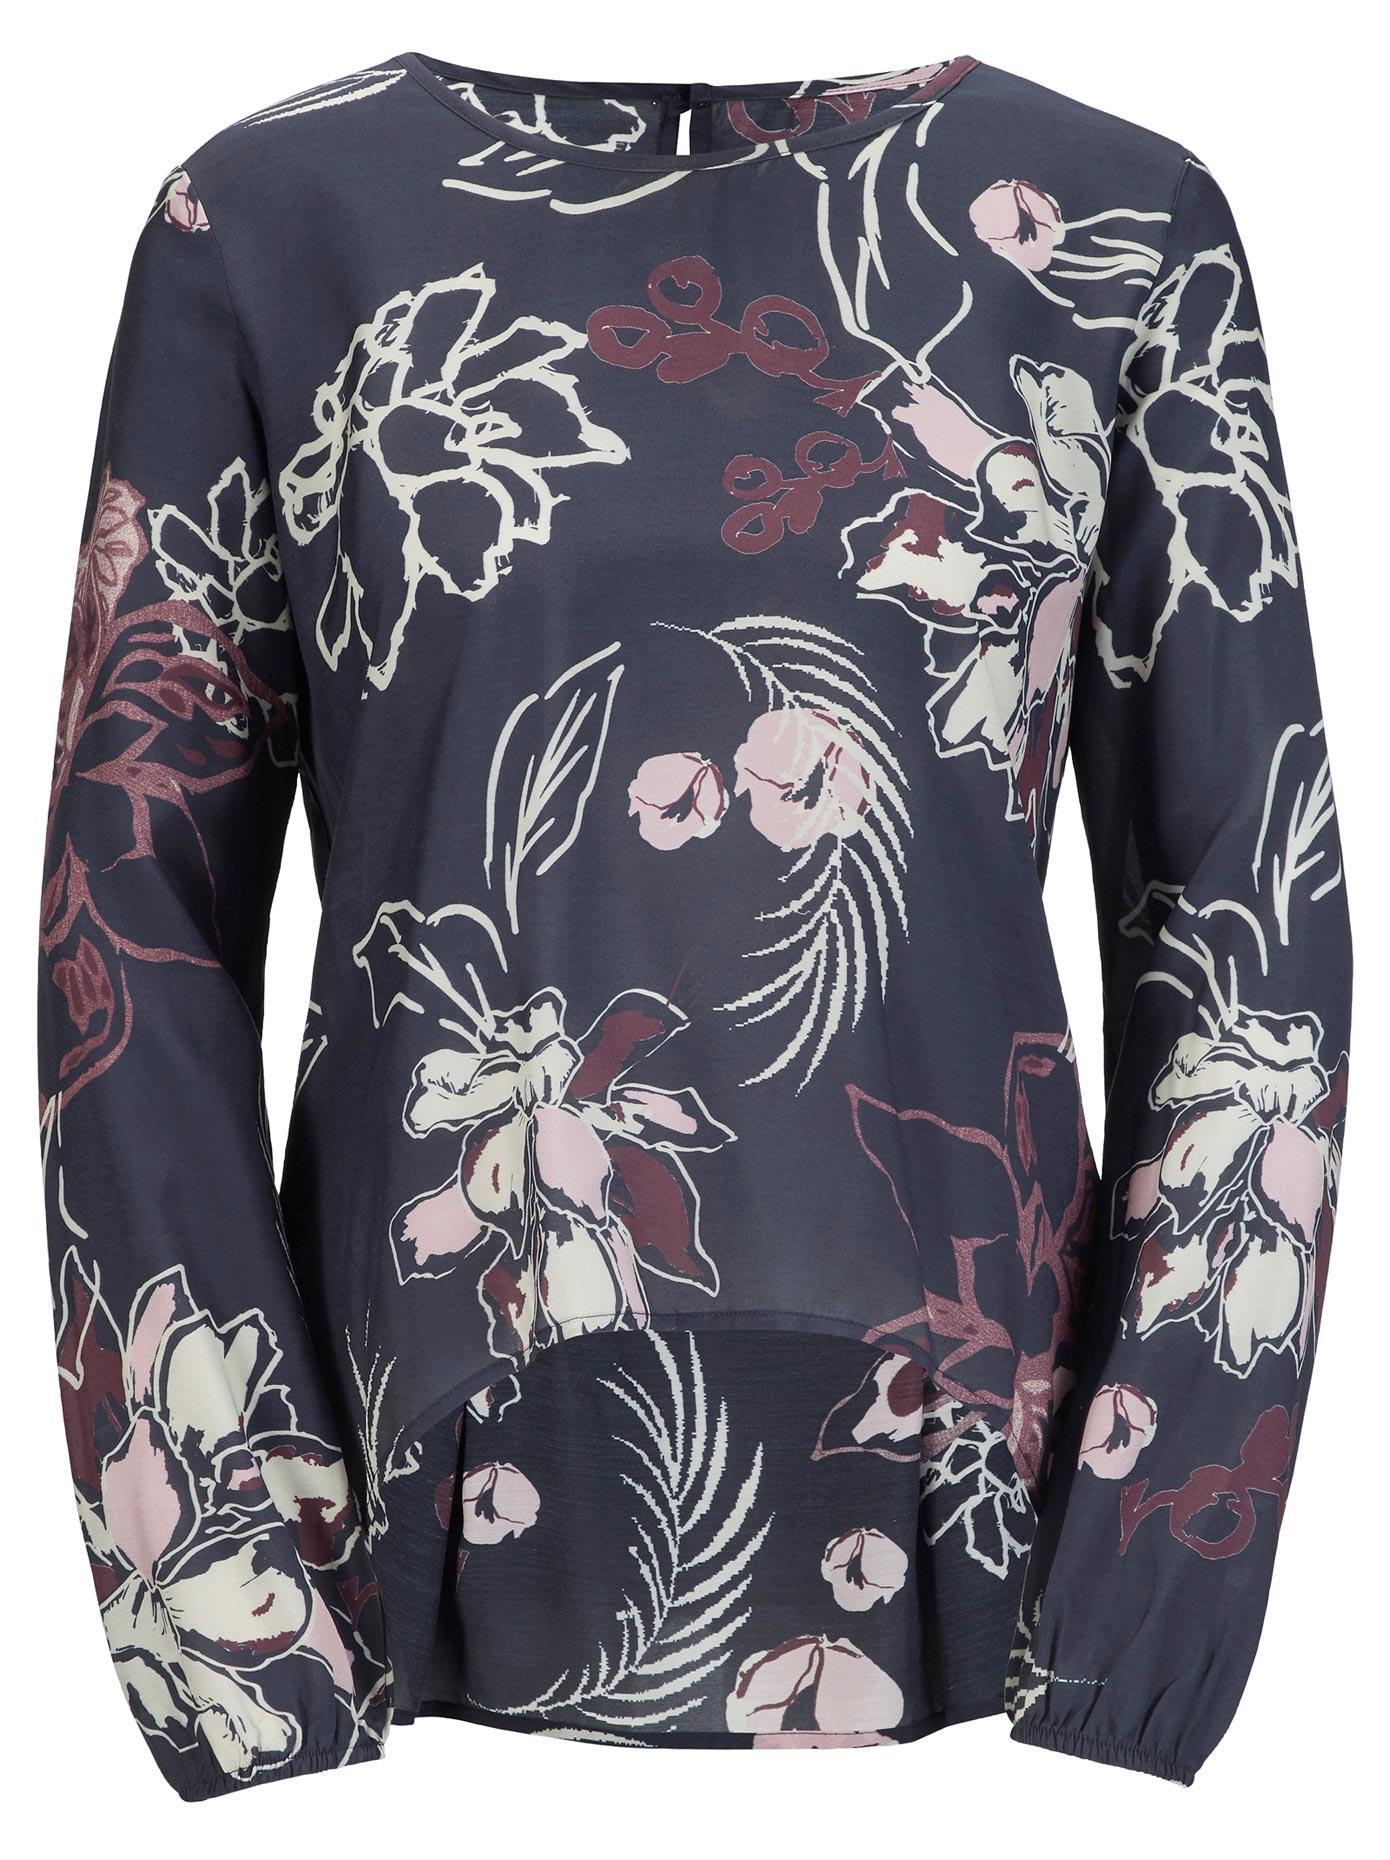 création L Bluse in hochwertiger floral bedruckter Viskose-Seide-Qualität